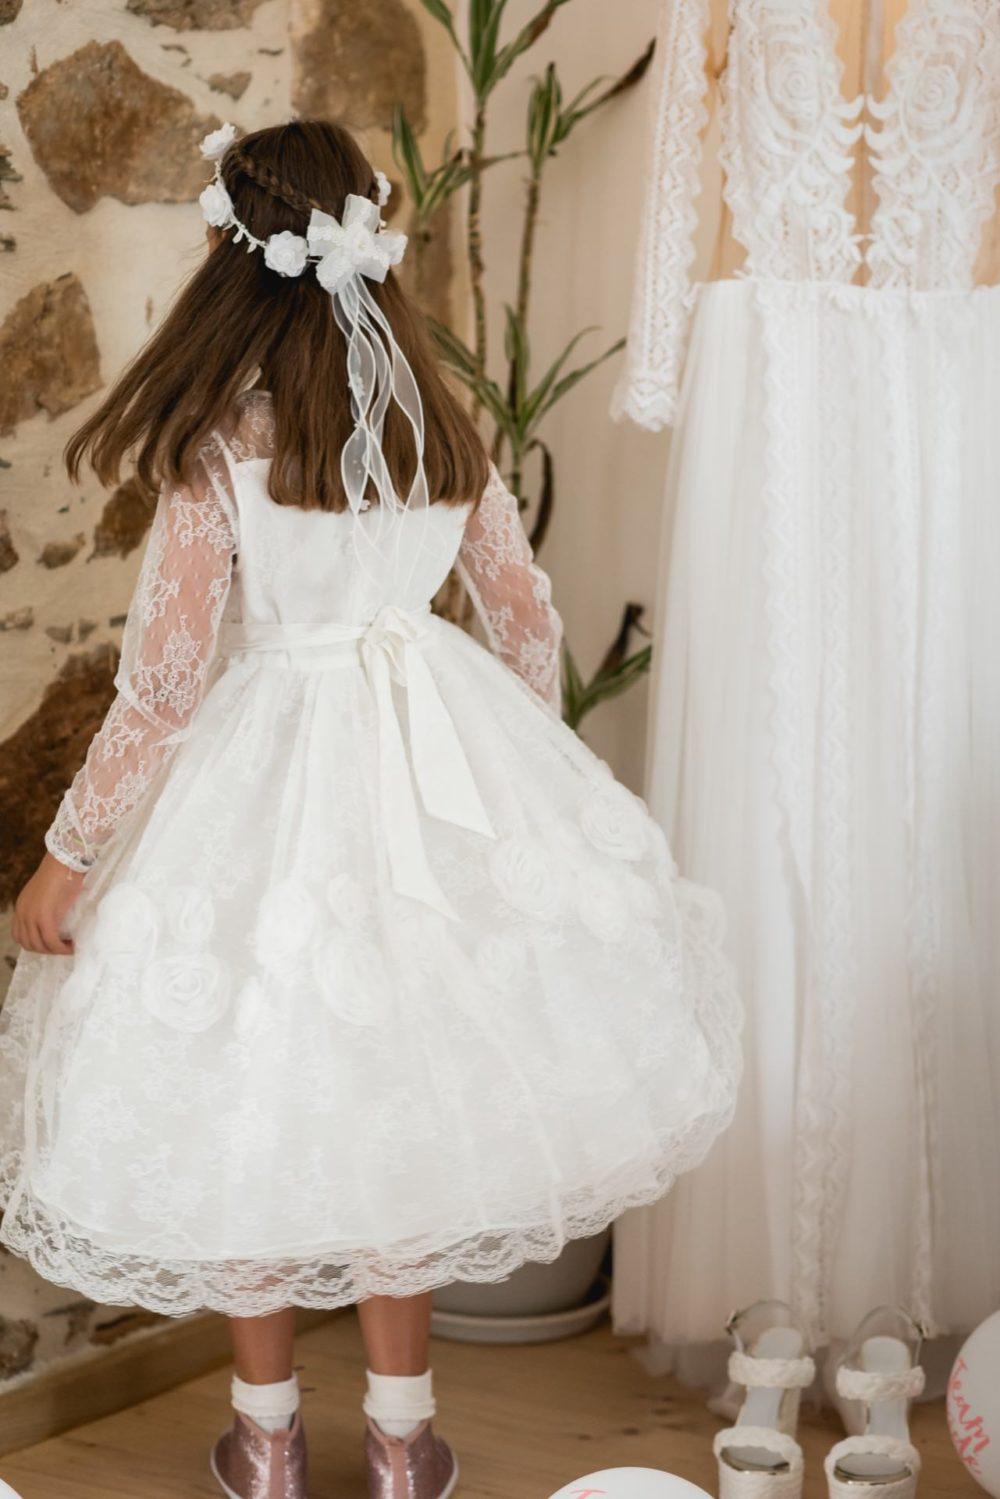 Fotografisi Gamou Wedding Gamos Fotografos Alekos & Mania062